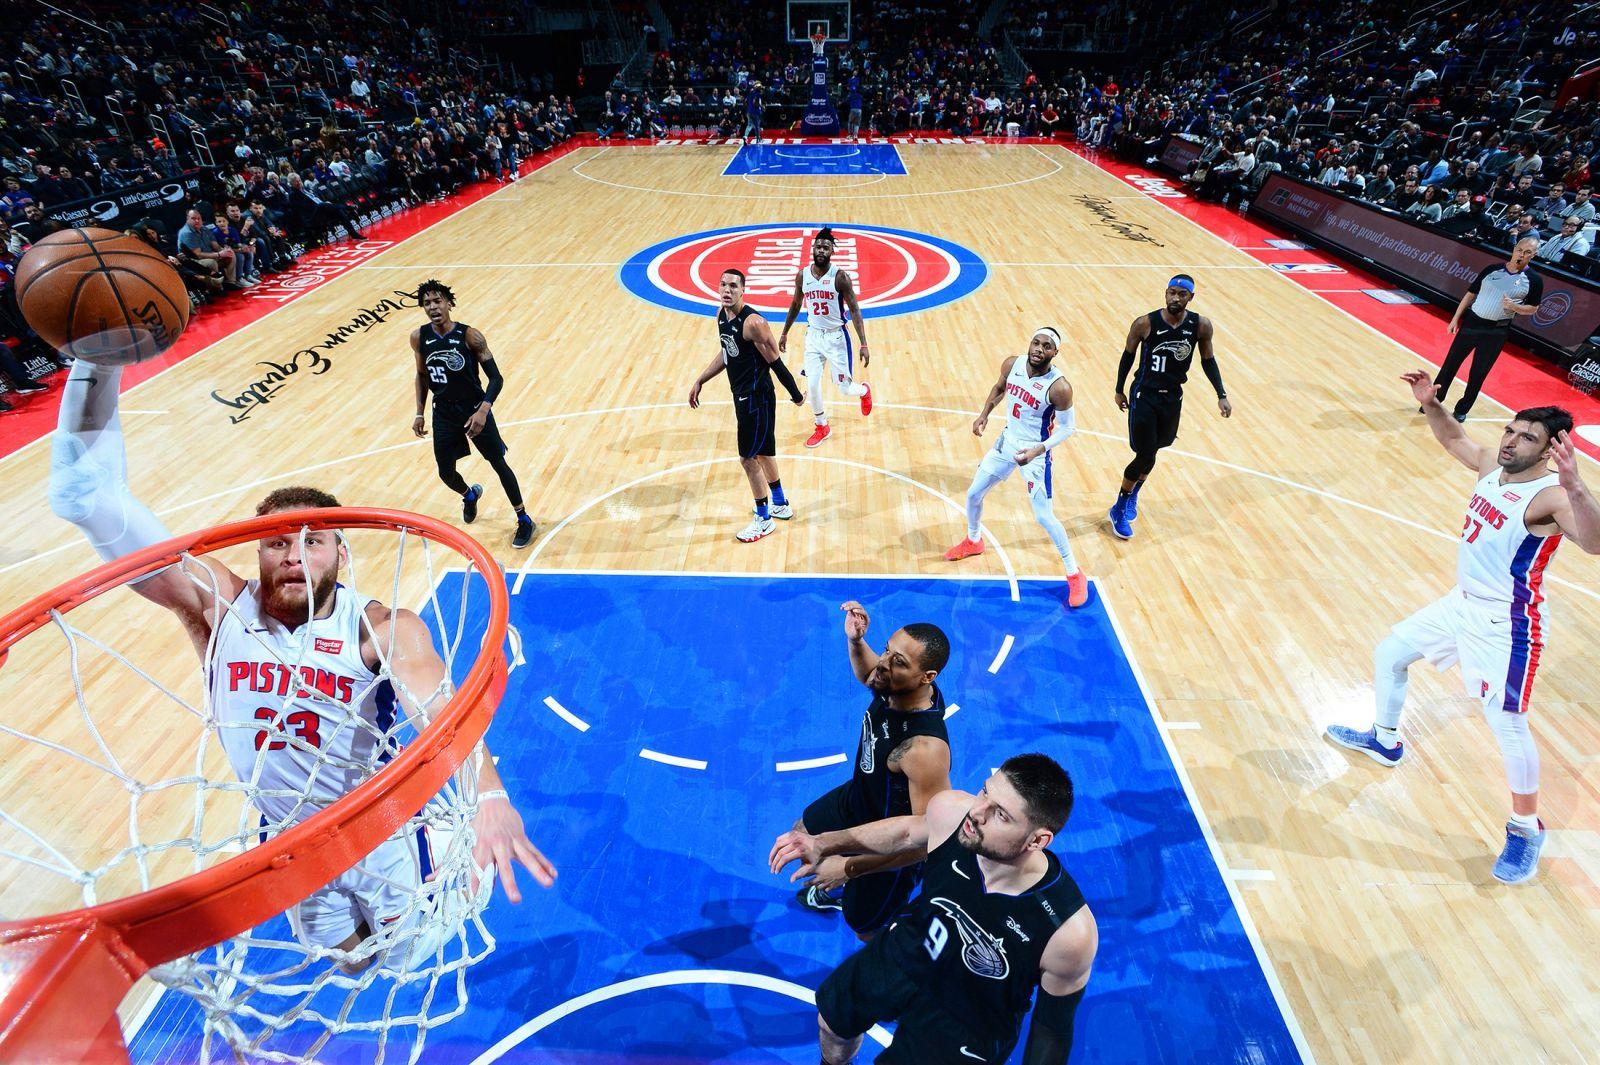 暴力美学!活塞发布格里芬扣篮照庆祝NBA扣篮周